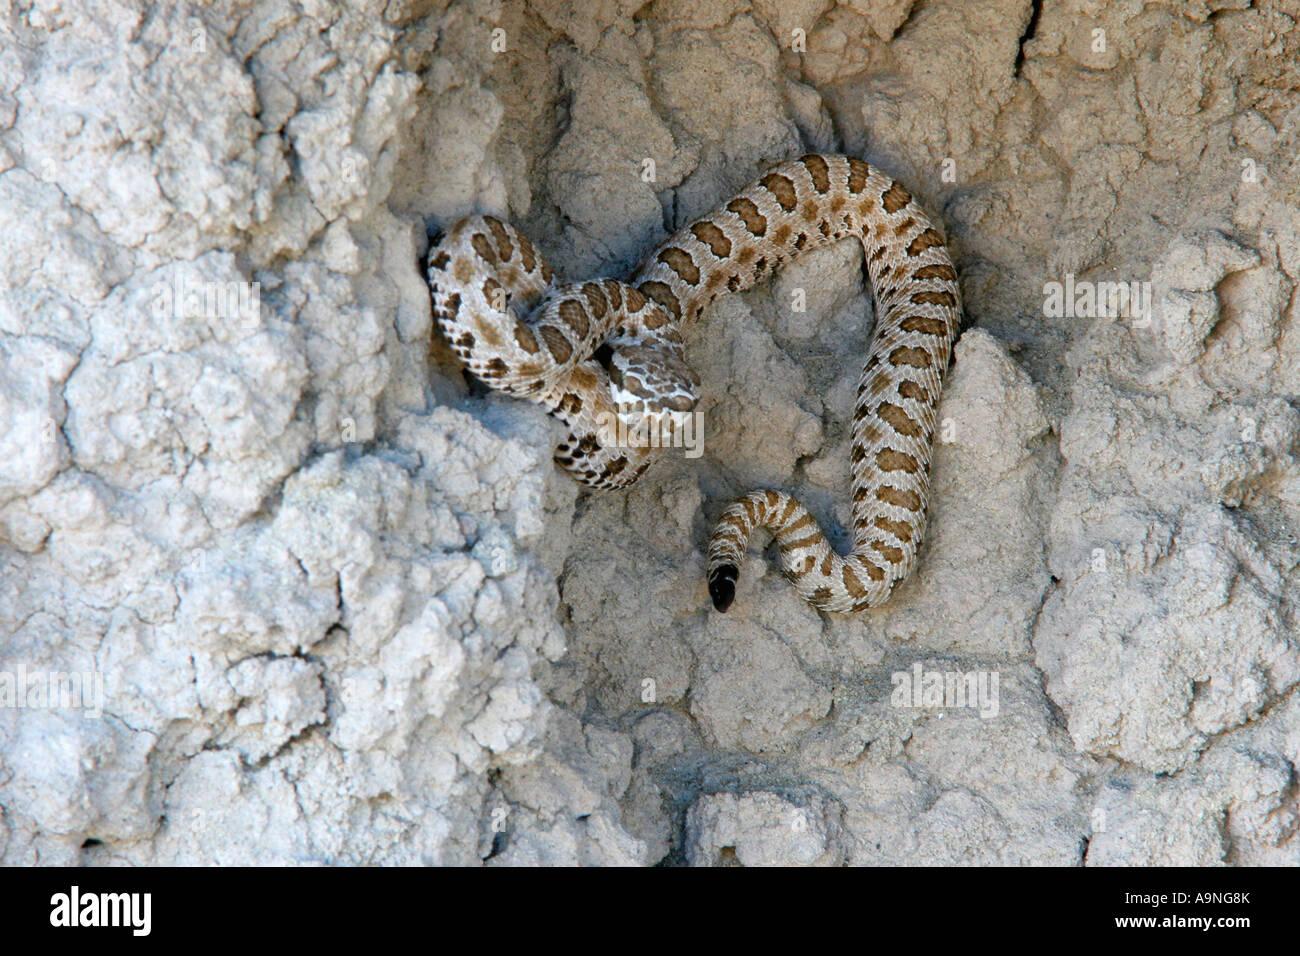 Crotale pygmée de l'ouest, fantasy canyon, Utah Banque D'Images